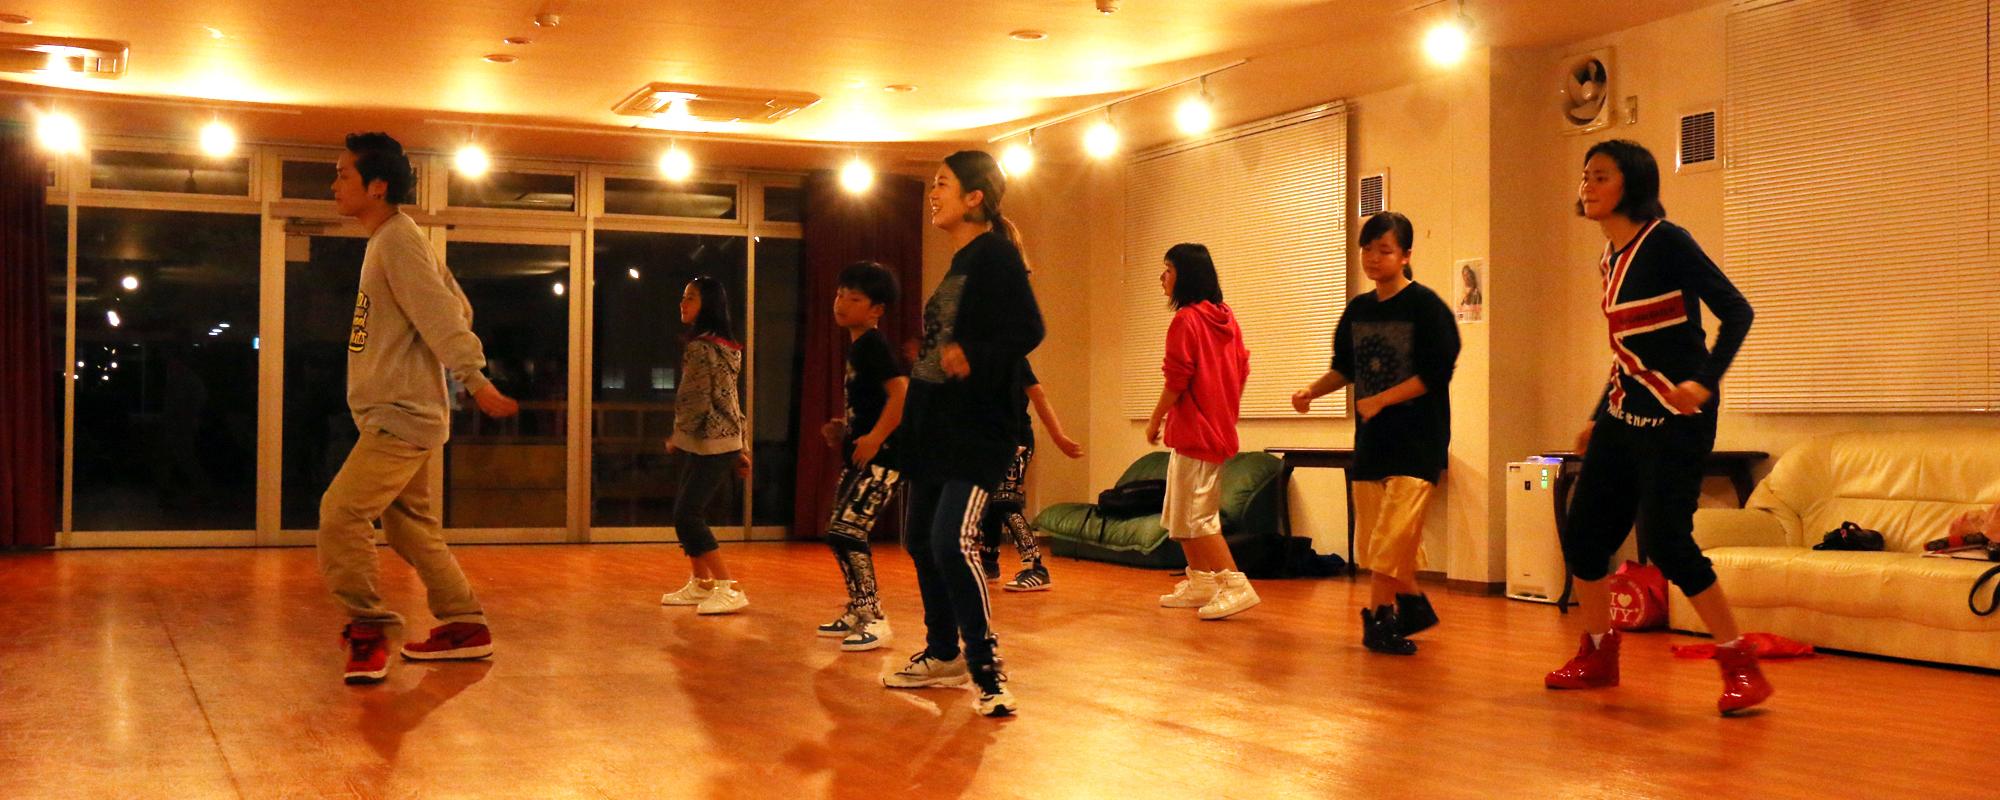 MONKATSU DANCE SCHOOL モンカツダンススクール | 福山市のダンススクール|クラスHIP HOP キッズ/初級」のイメージ